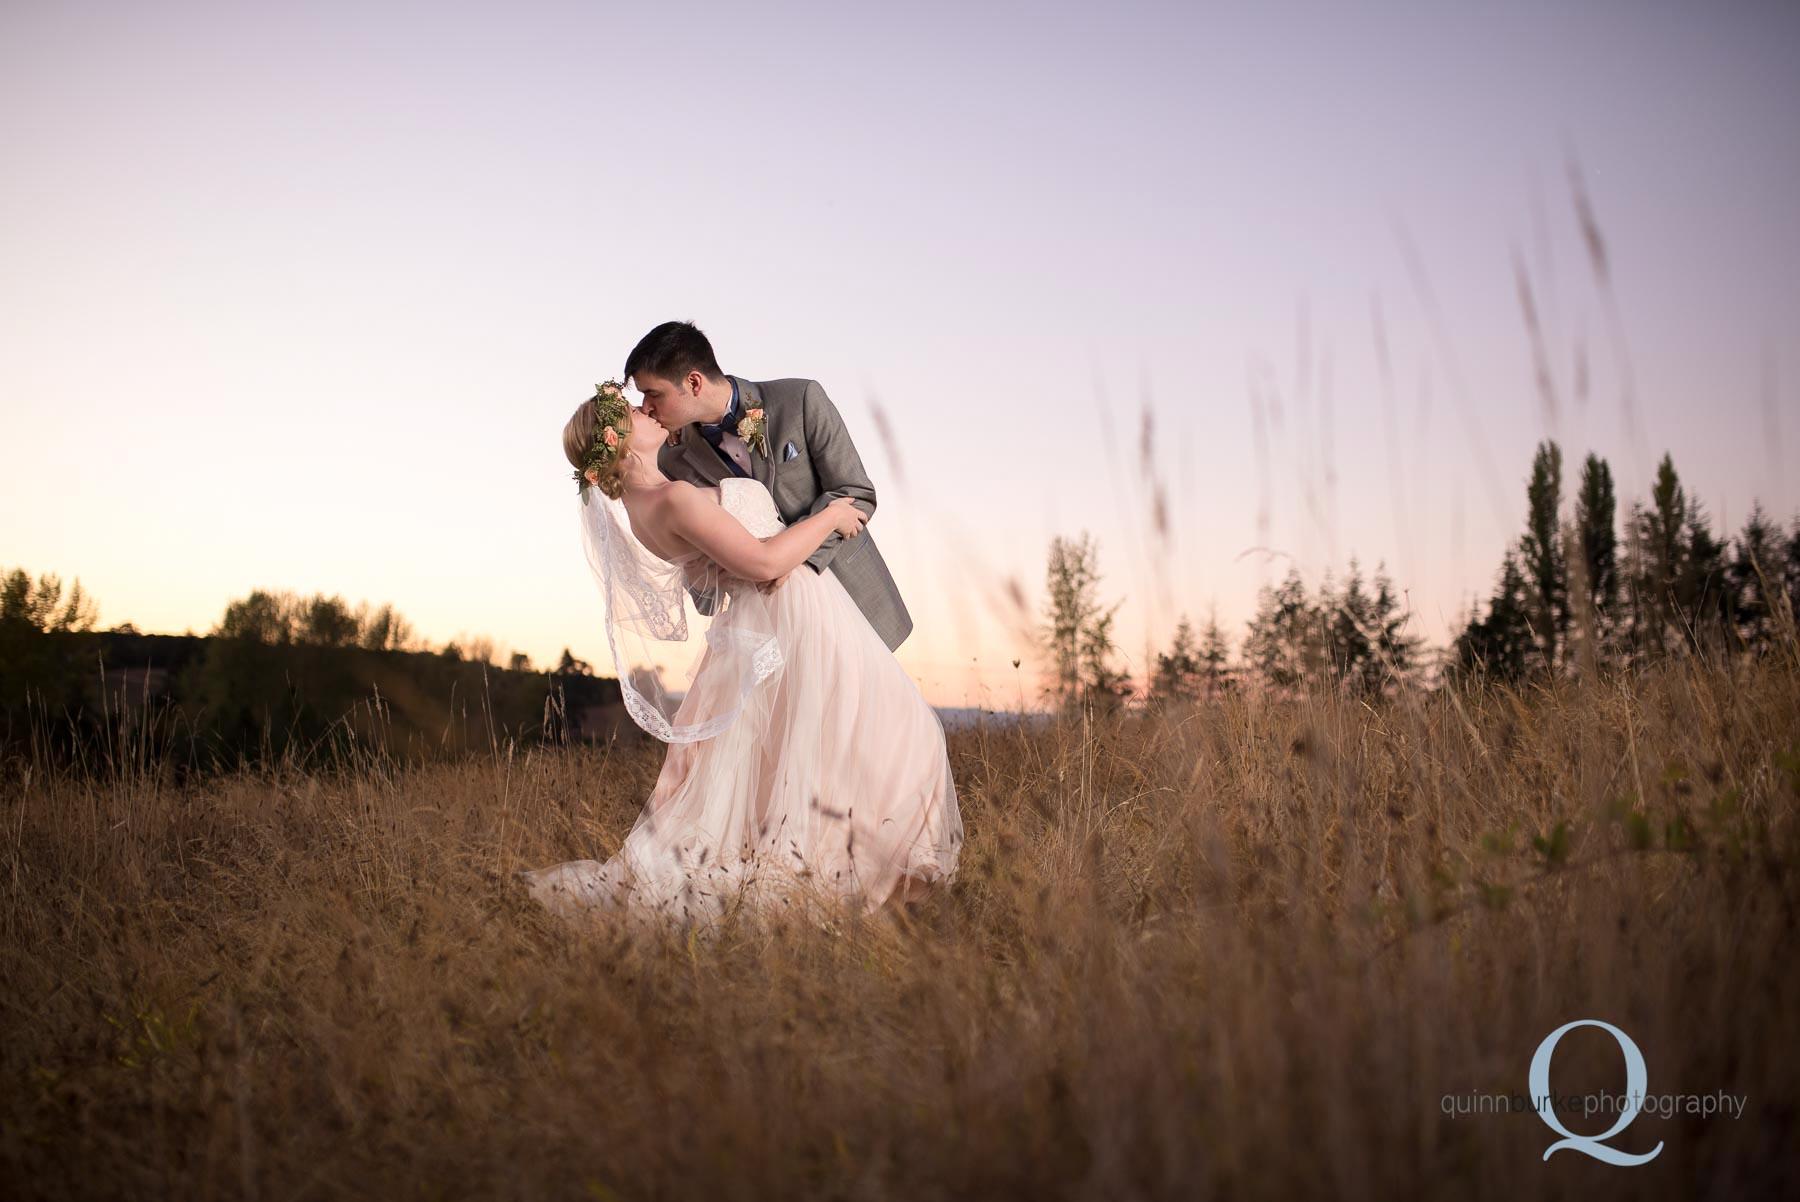 Perryhill Farm wedding oregon